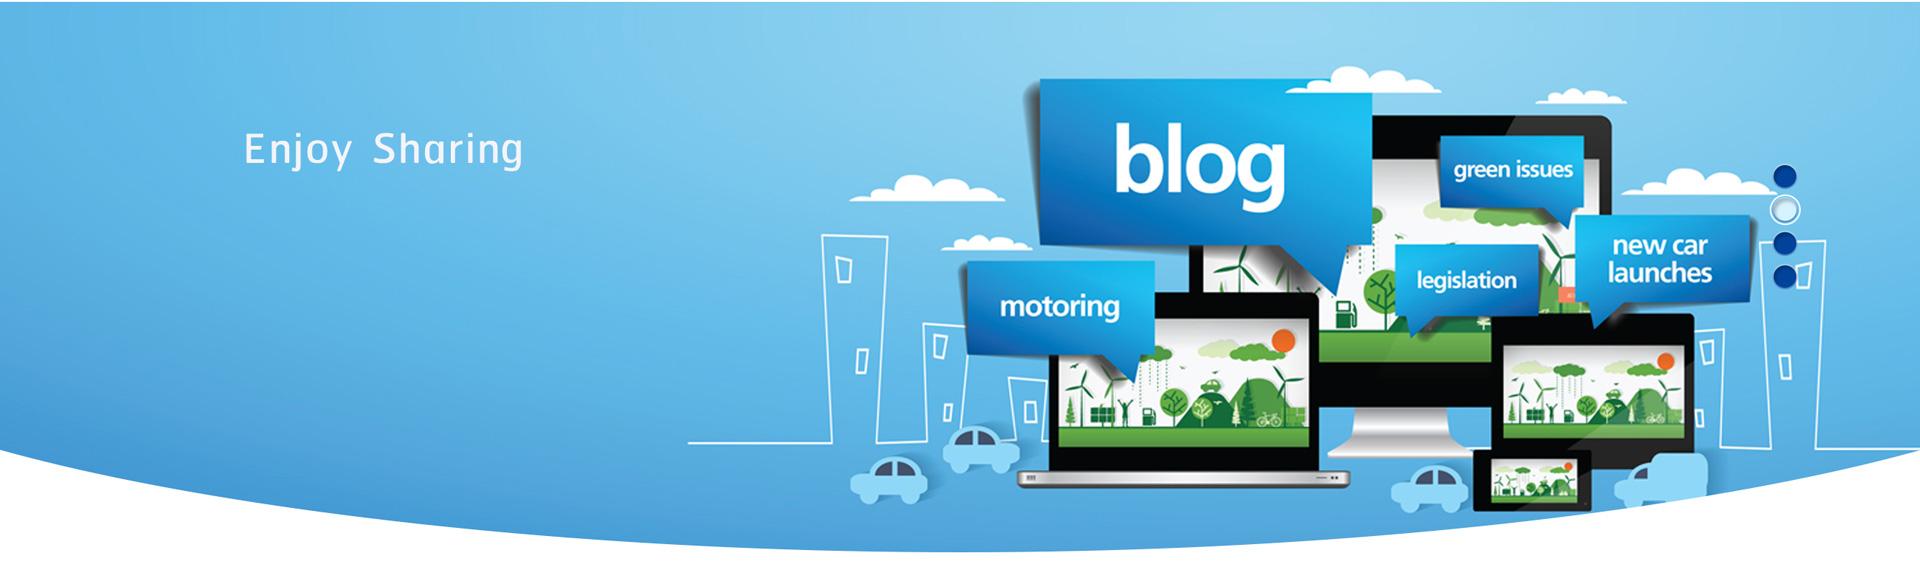 blogslider